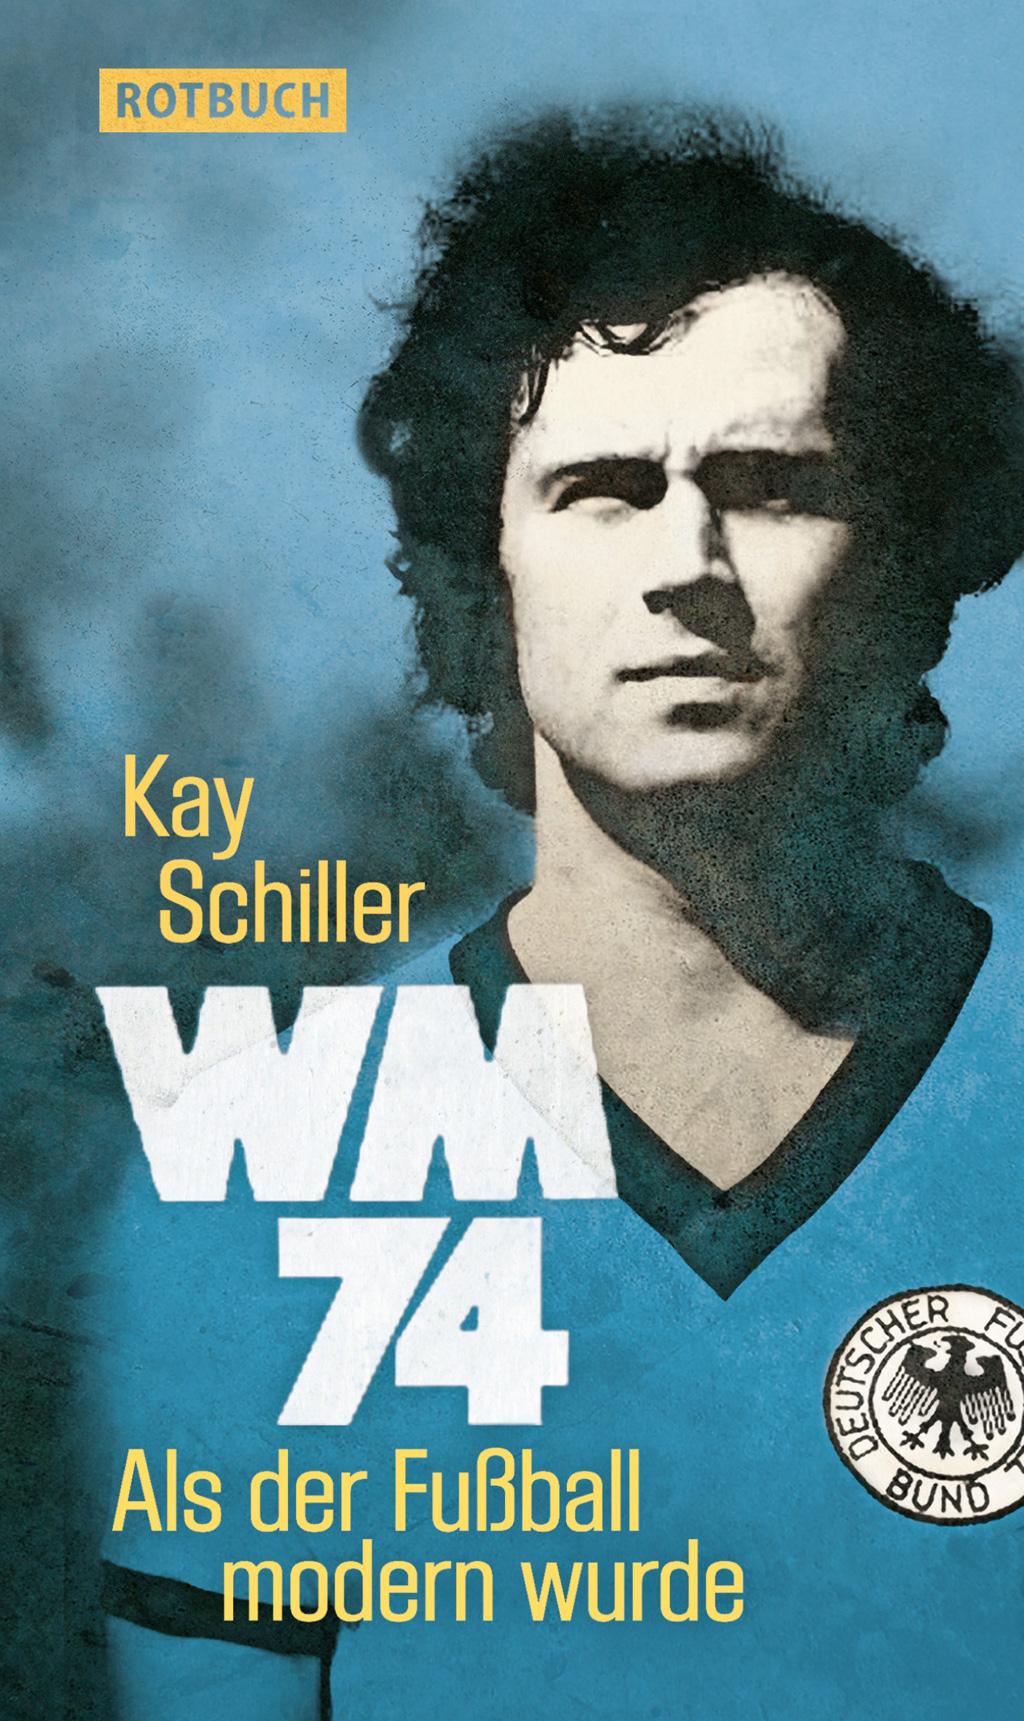 WM 74: Als der Fußball modern wurde - Kay Schiller